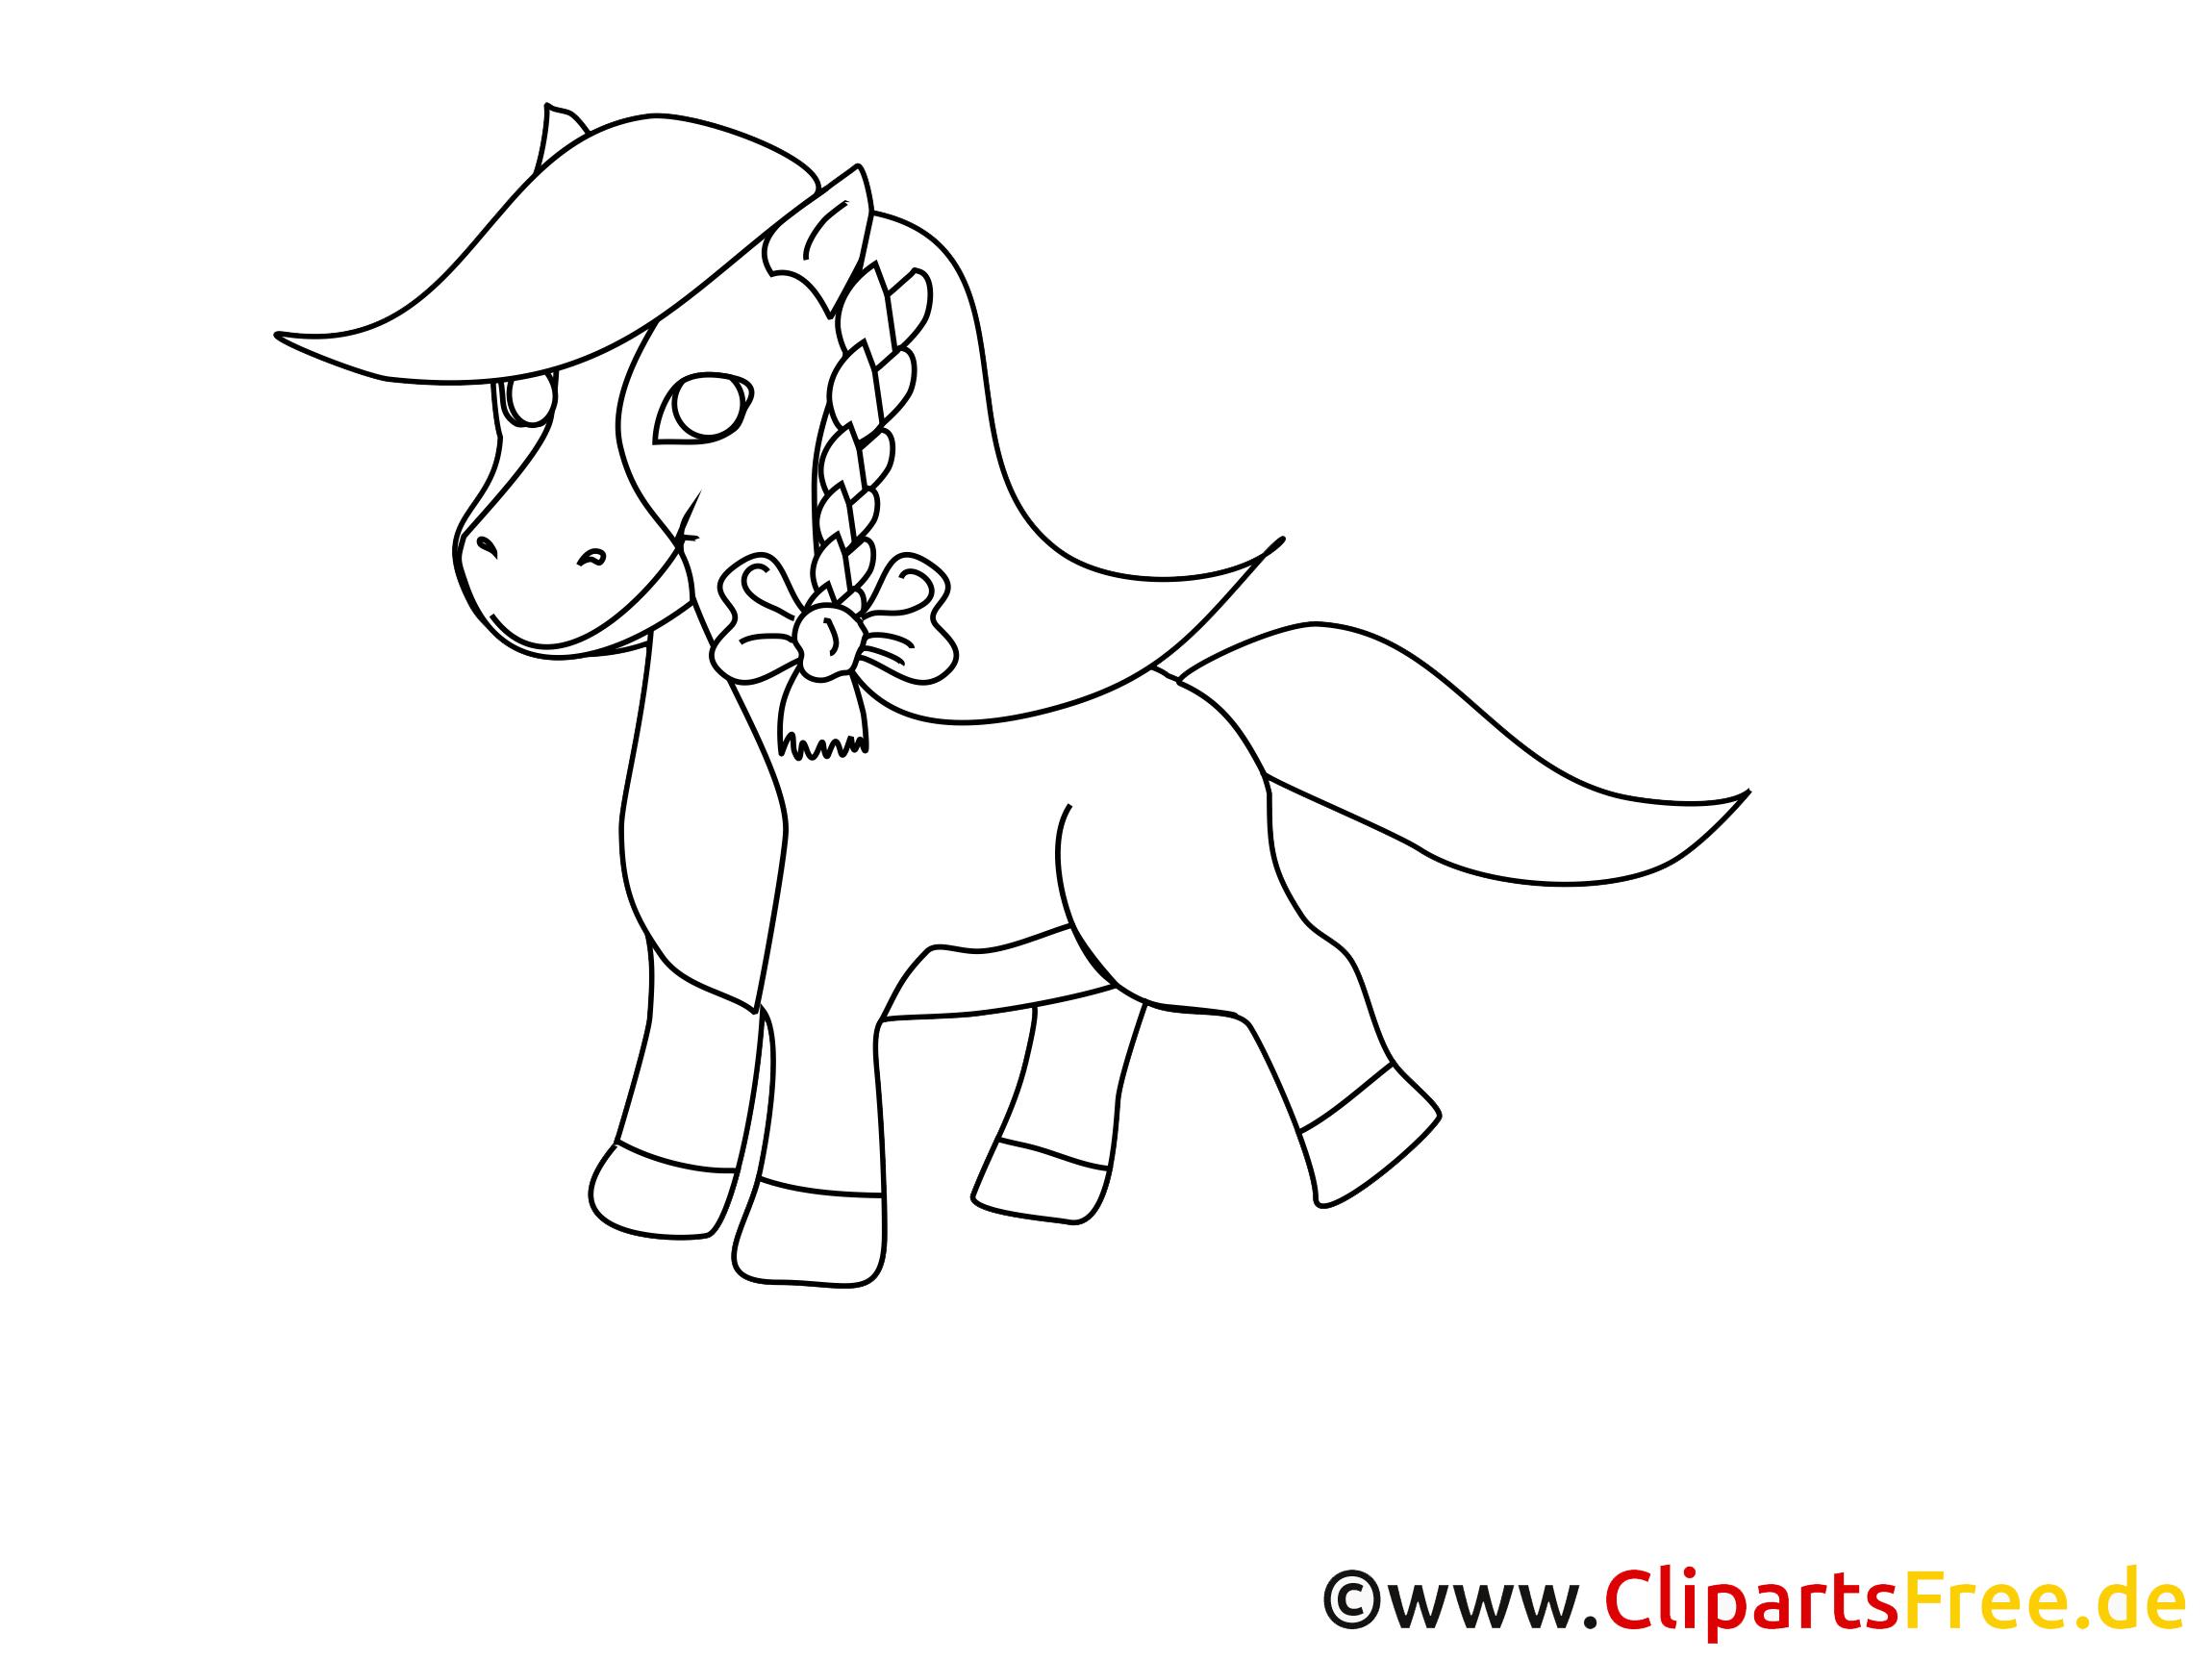 Coloriage poney images gratuites – Cheval clipart